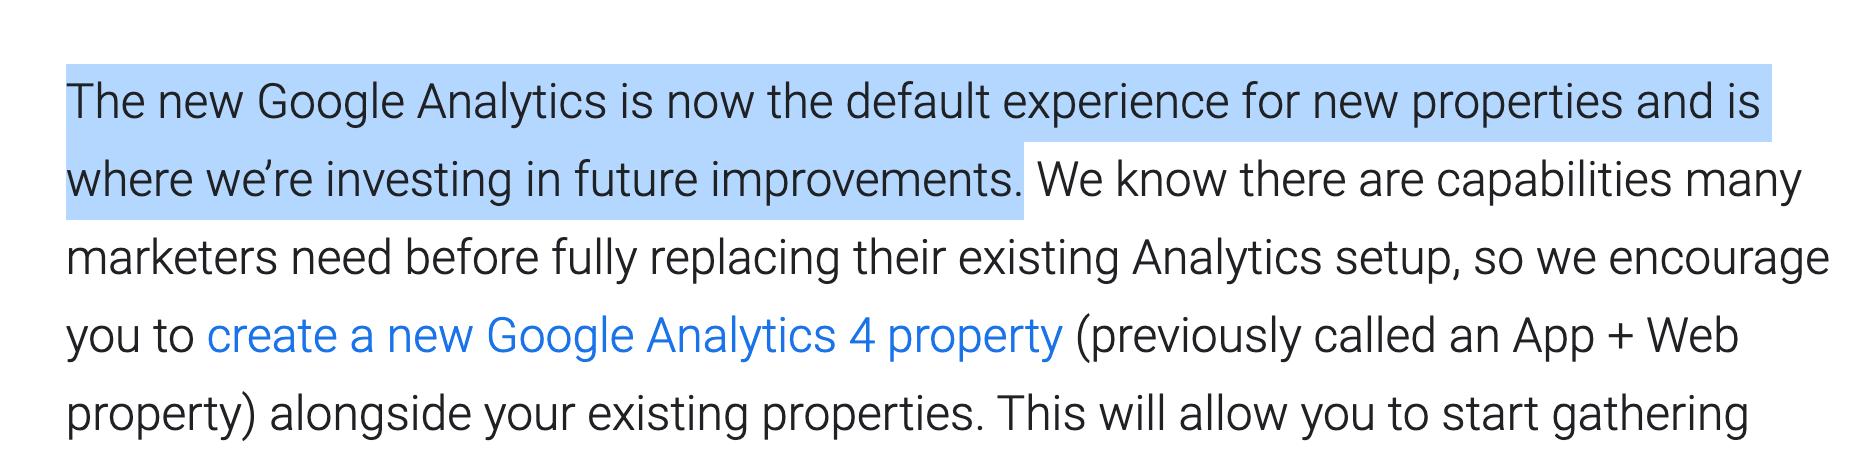 Universal Analytics news post